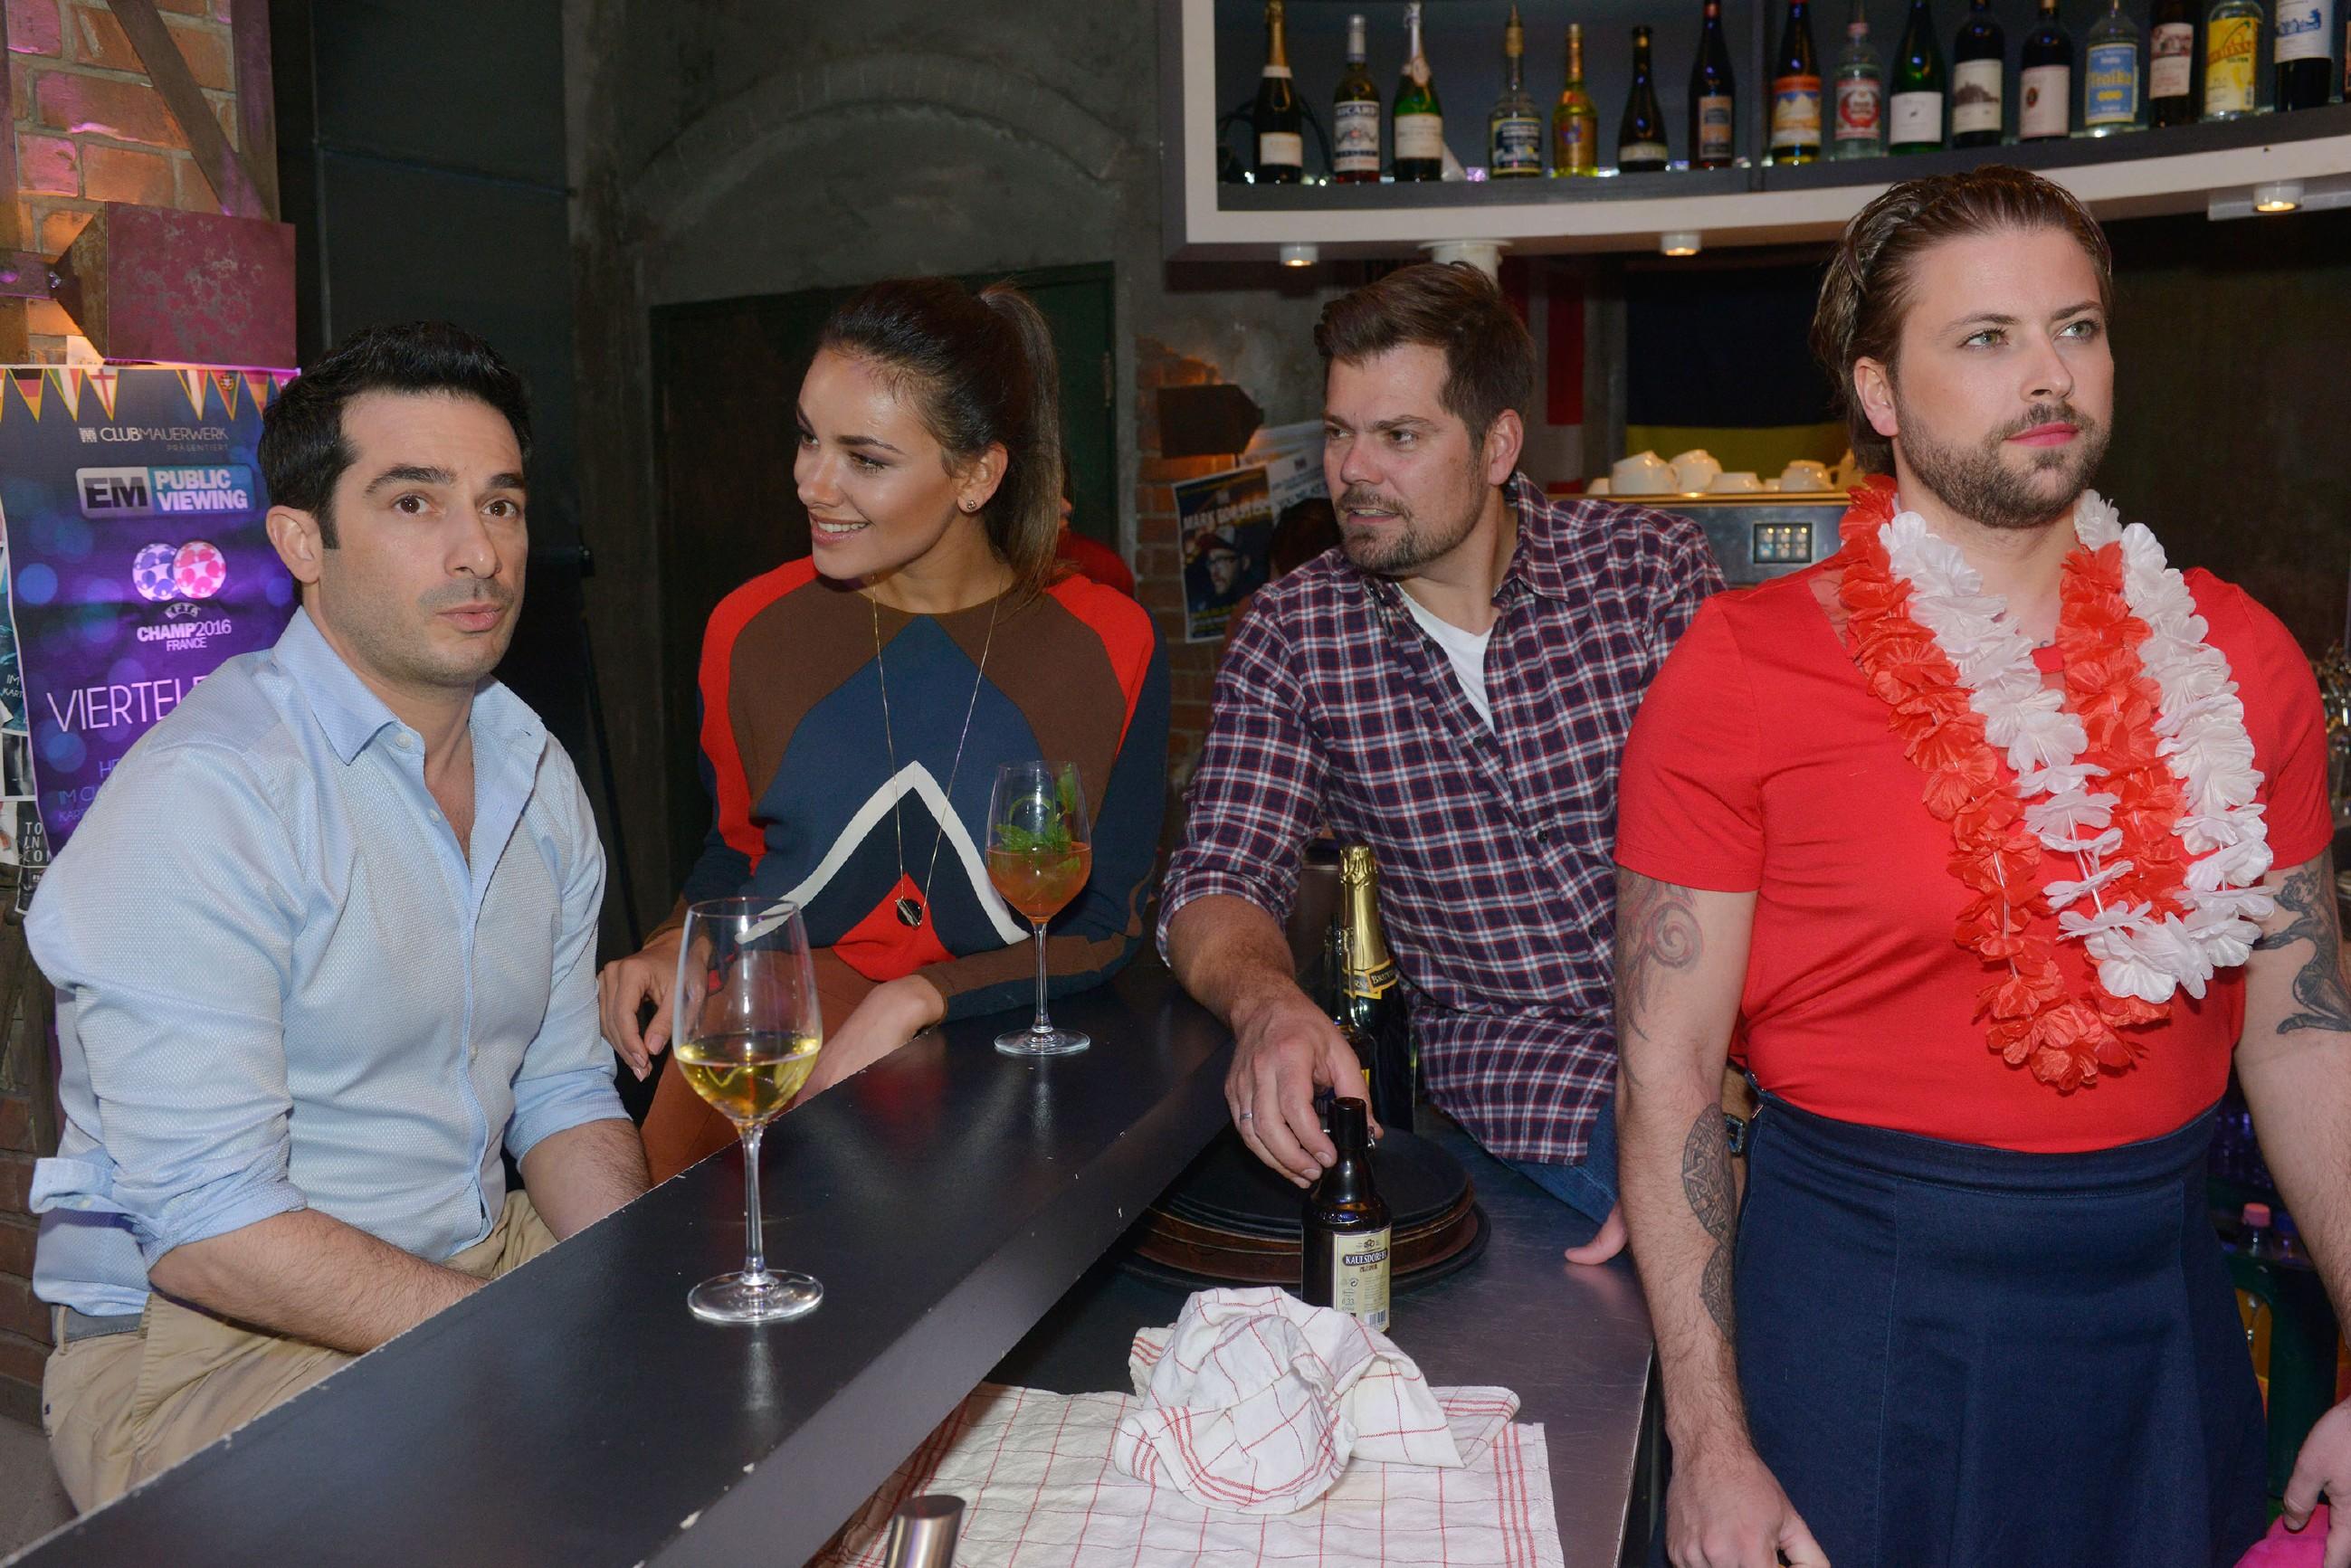 Während (v.r.) John (Felix von Jascheroff), Leon (Daniel Fehlow) und Jasmin (Janina Uhse) überrascht, doch direkt begeistert sind, verfolgt Tayfun (Tayfun Baydar) nahezu verwundert, wie Emily ihm einen Heiratsantrag macht. (Quelle: RTL / Rolf Baumgartner)